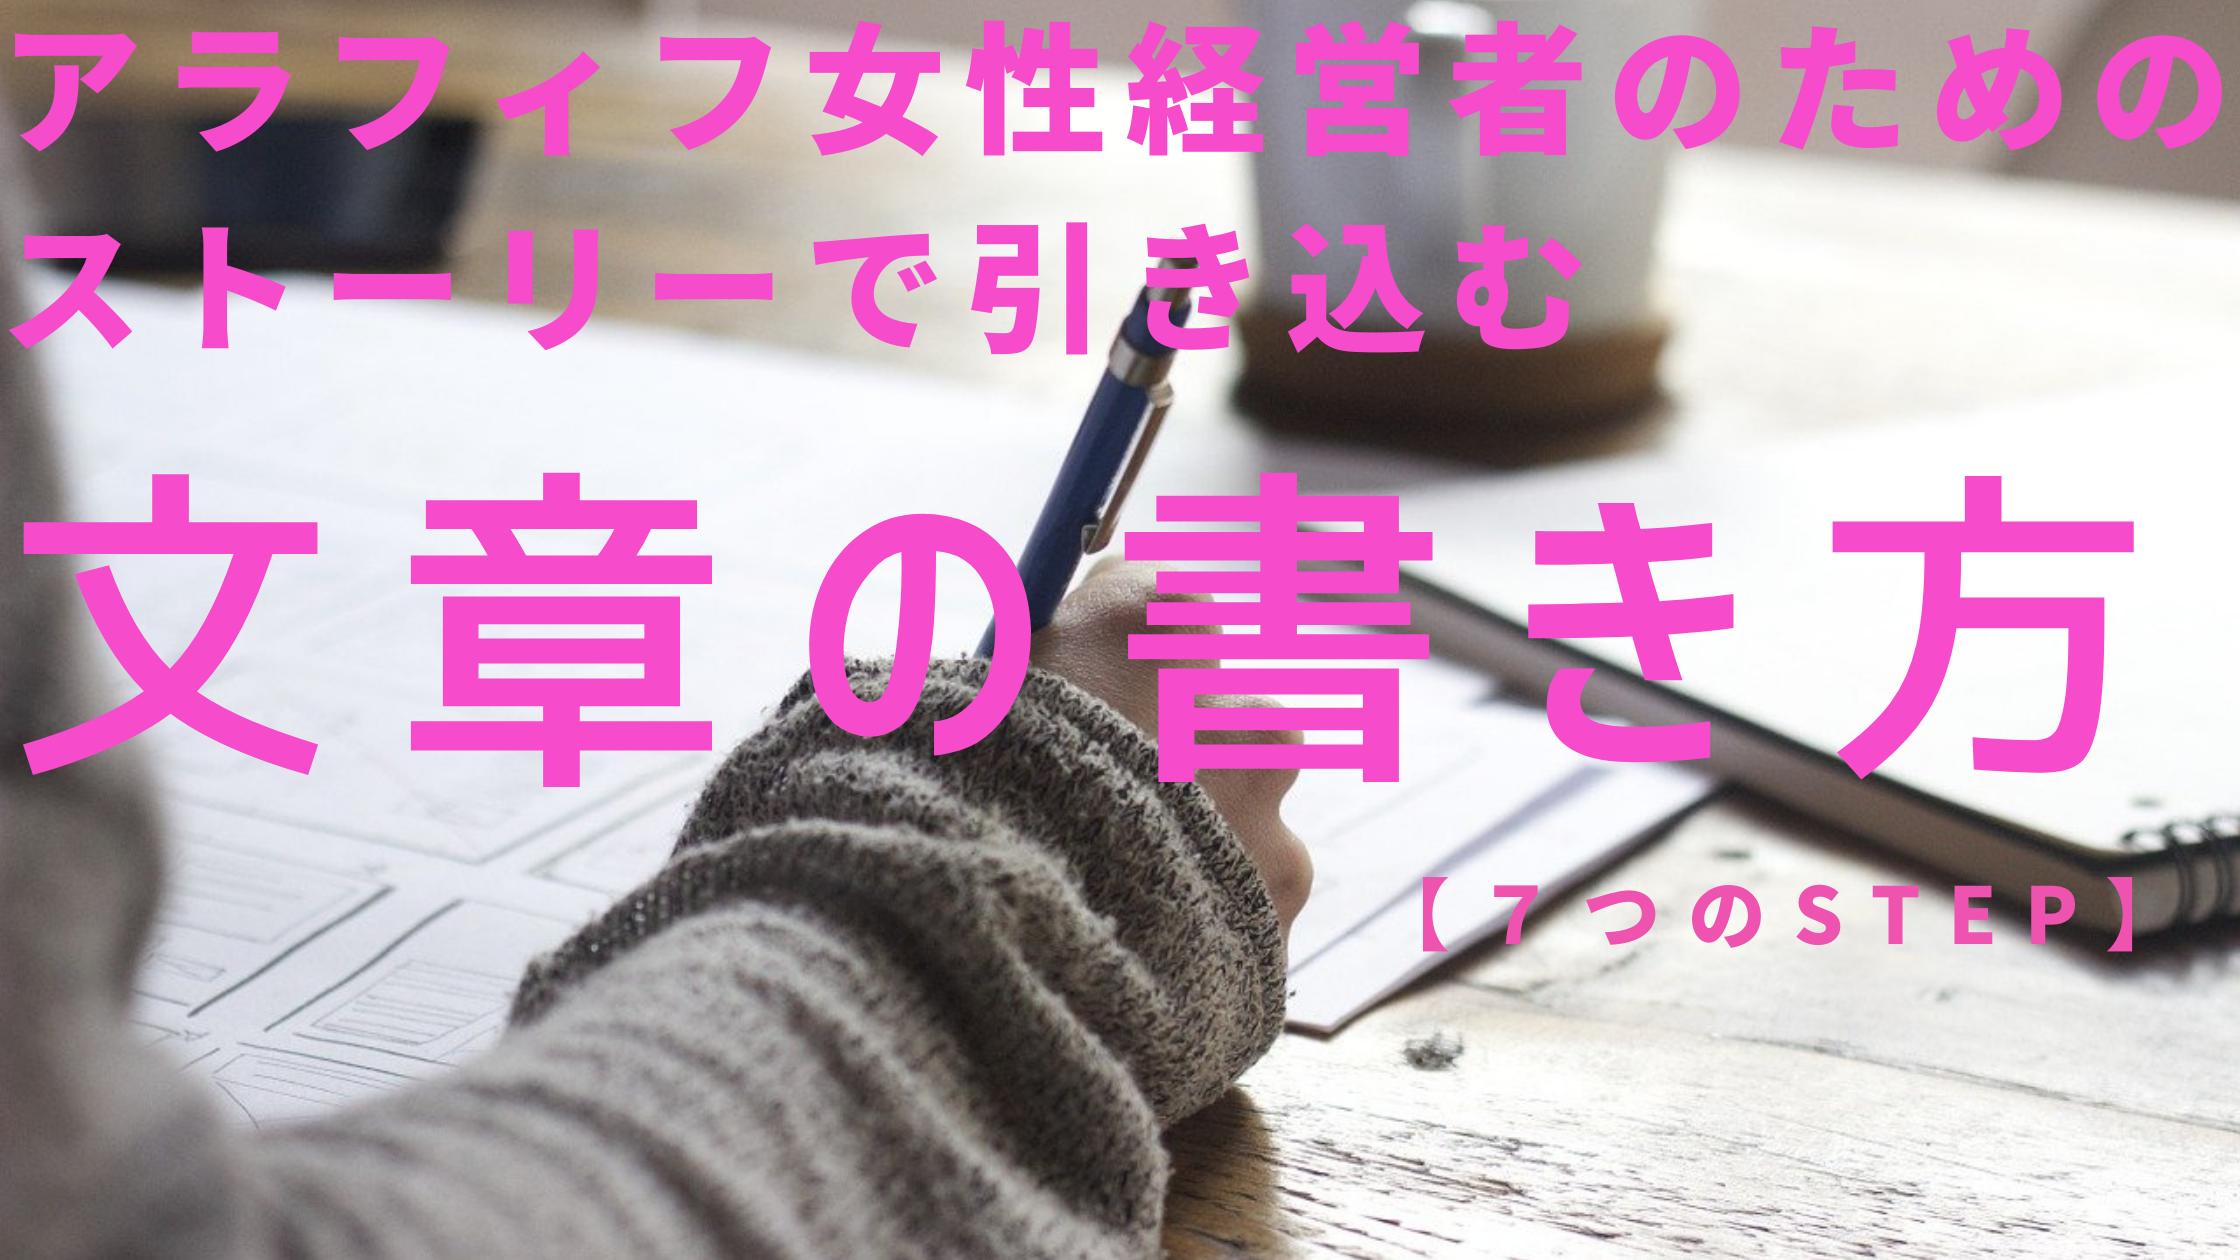 ストーリーで引き込む文章の書き方【7つのステップ】